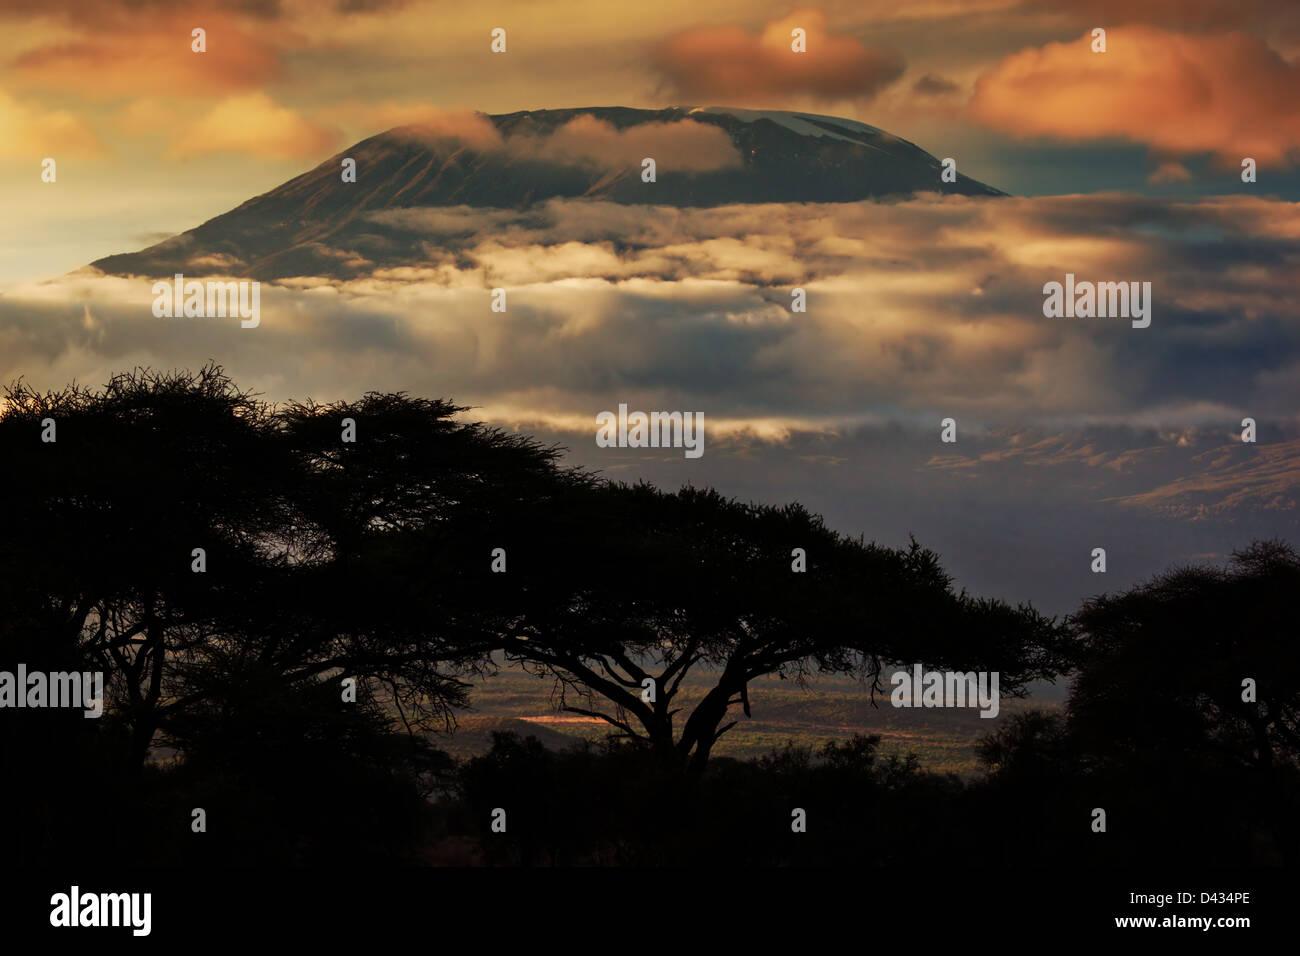 Africa paesaggio - Monte Kilimanjaro e linea di nuvole al tramonto, vista dalla savana paesaggio in Amboseli, Kenya, Immagini Stock